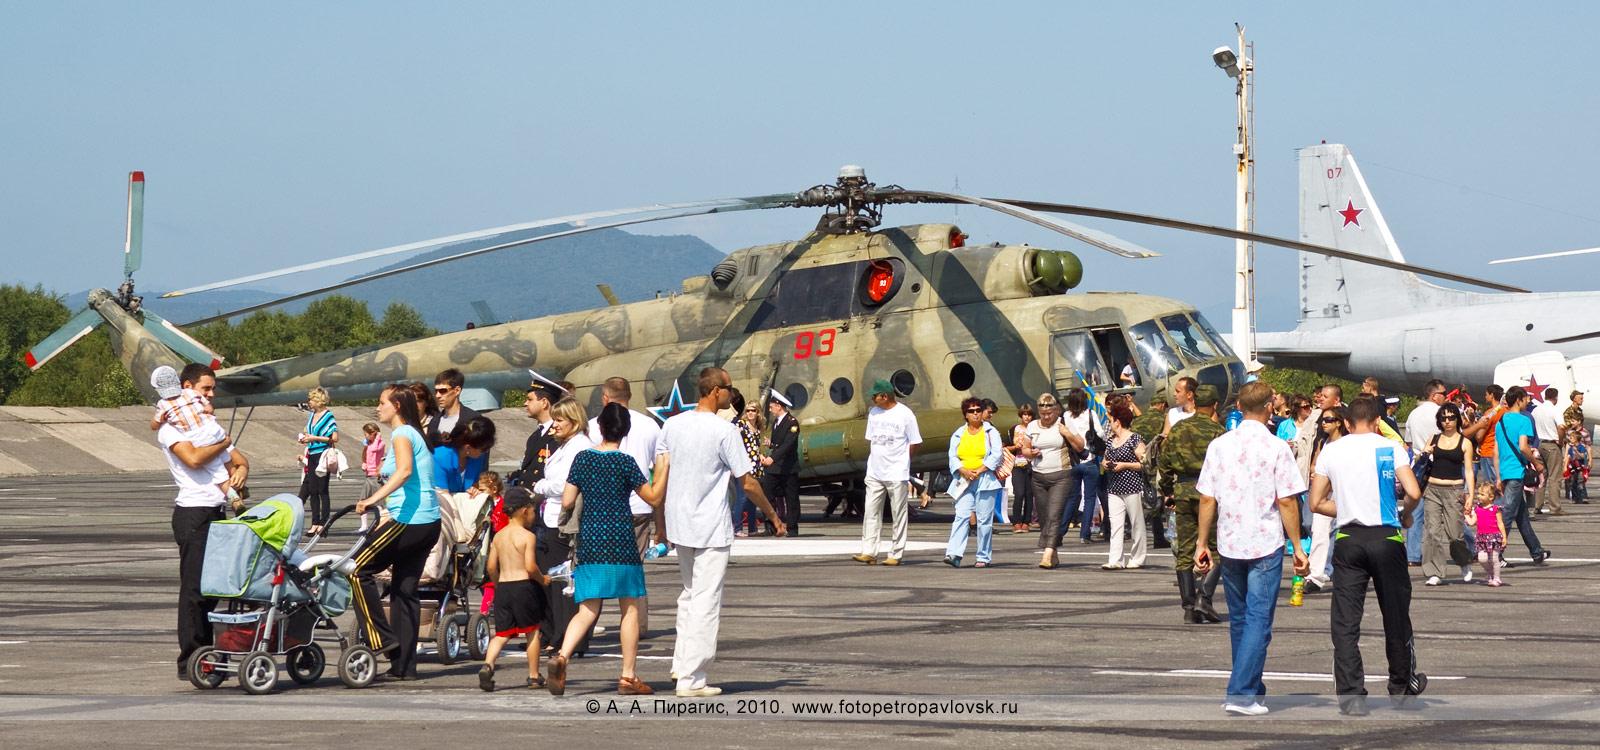 Фотография: Камчатский край — День авиации РФ: авиавыставка на военном аэродроме. На заднем плане: транспортно-боевой вертолет Ми-8Т